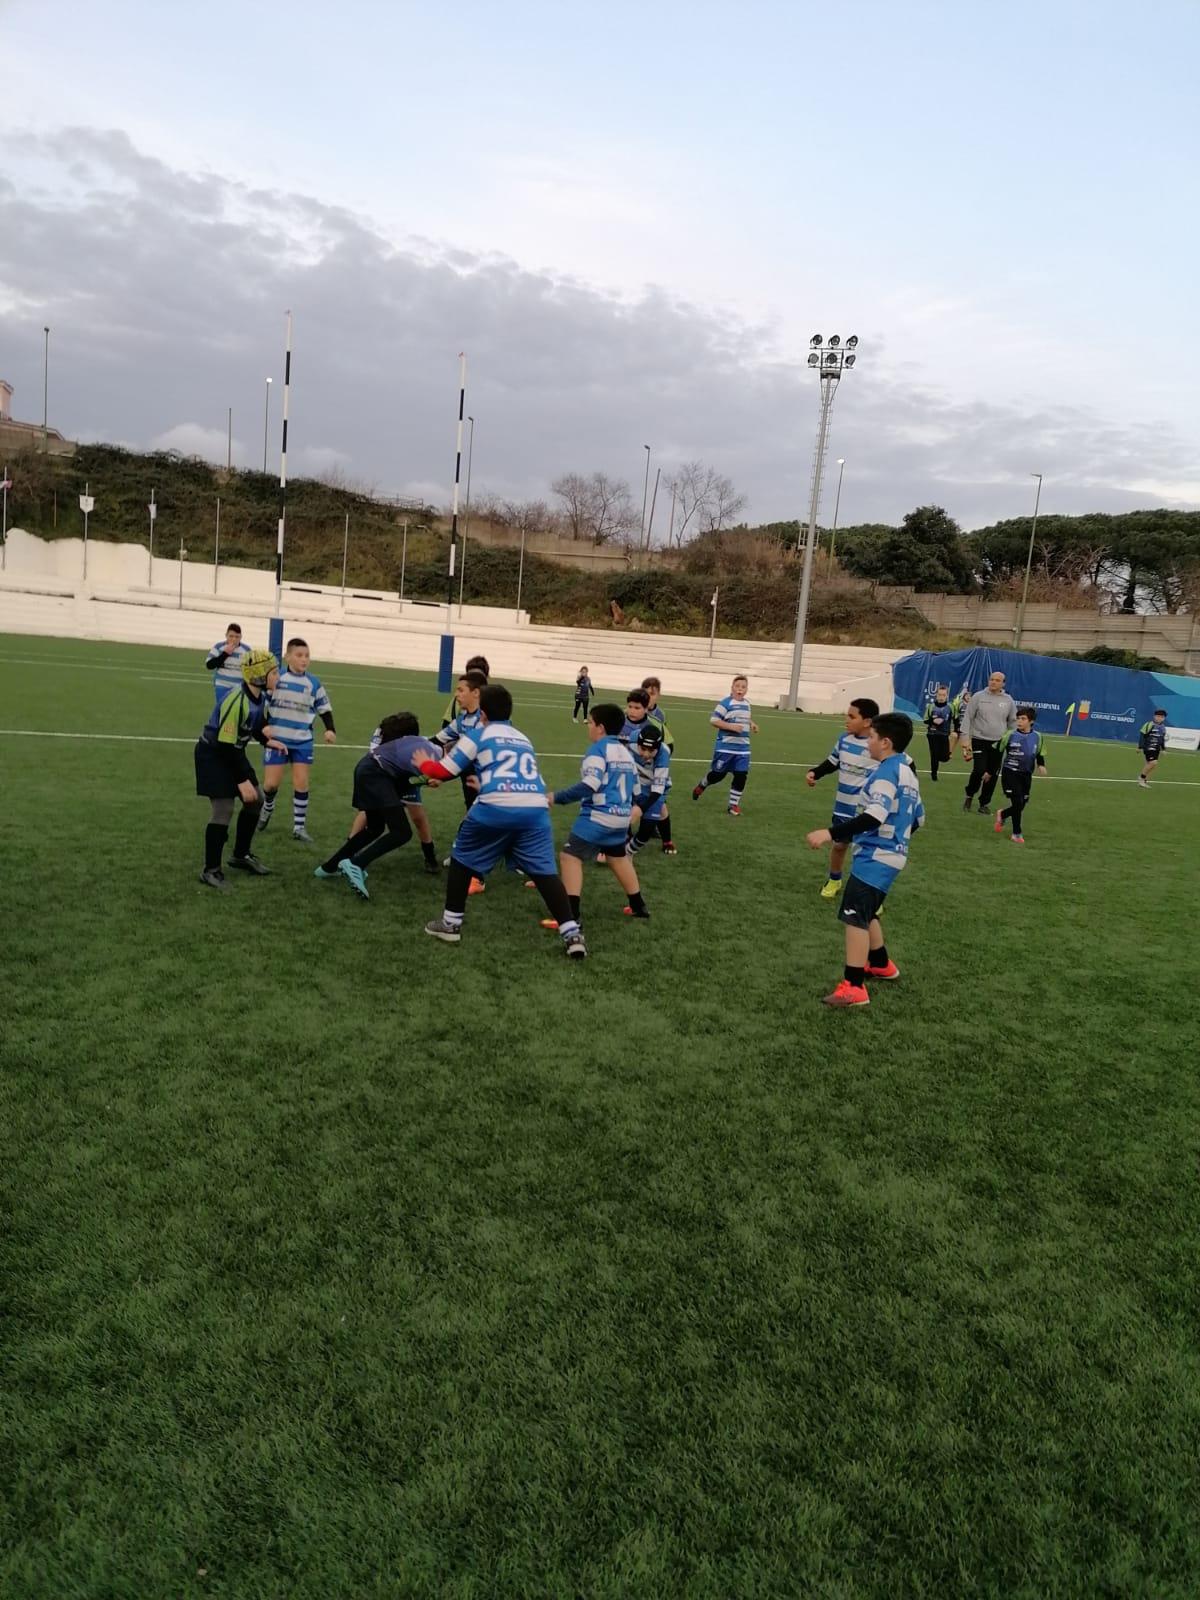 Minirugby: Raggruppamento del 25/01/2020 – Villaggio del Rugby